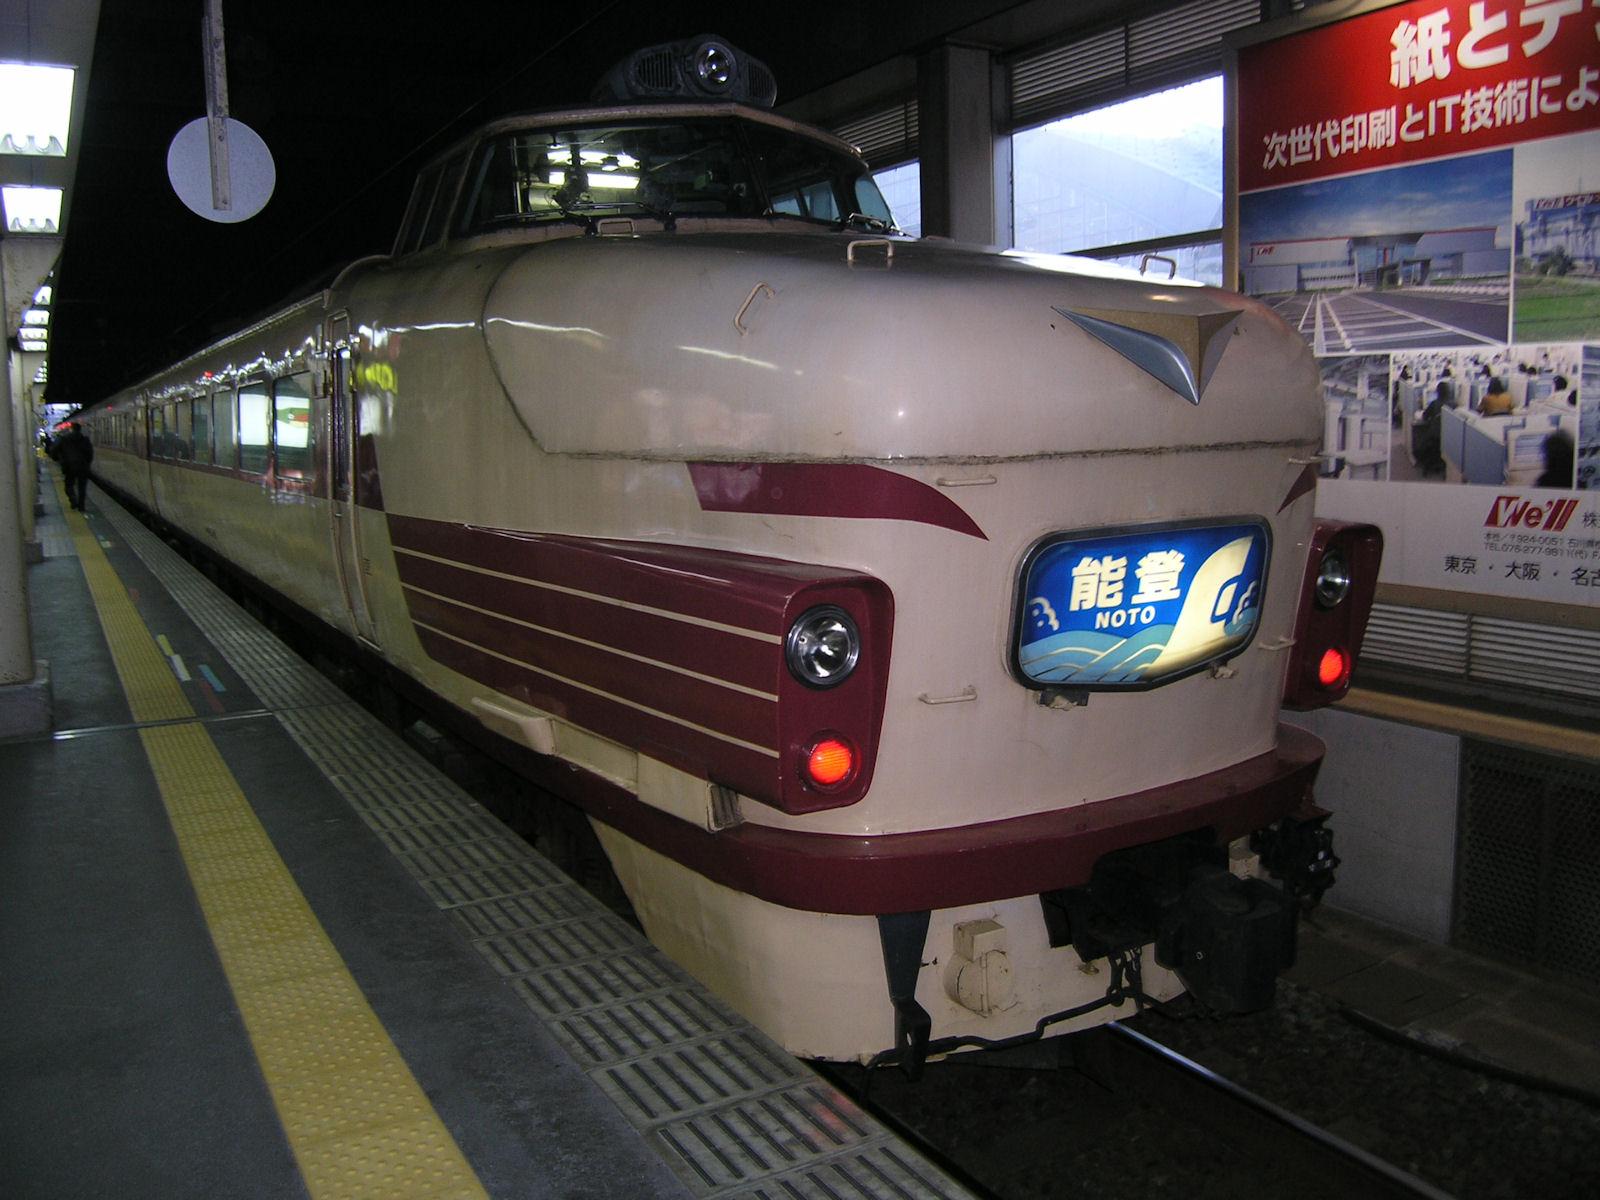 急行能登号489系(JPG-294k)